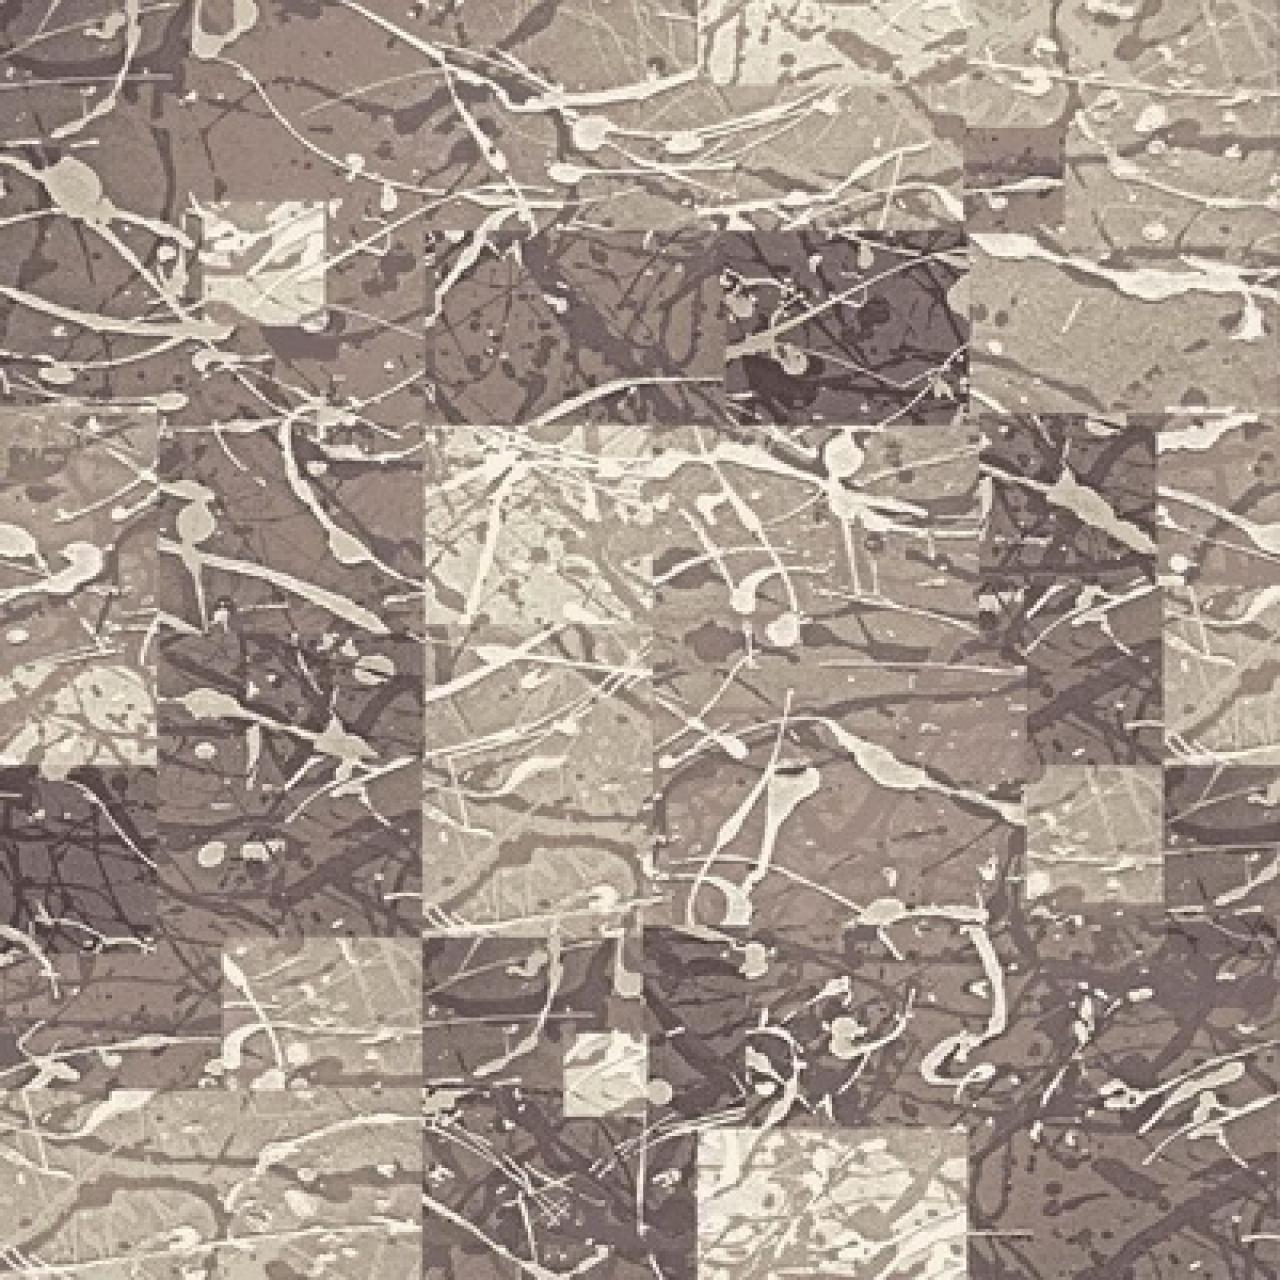 Ковровая дорожка p2024a6r - 100 - коллекция принт 8-ми цветная дорожка - фото 1